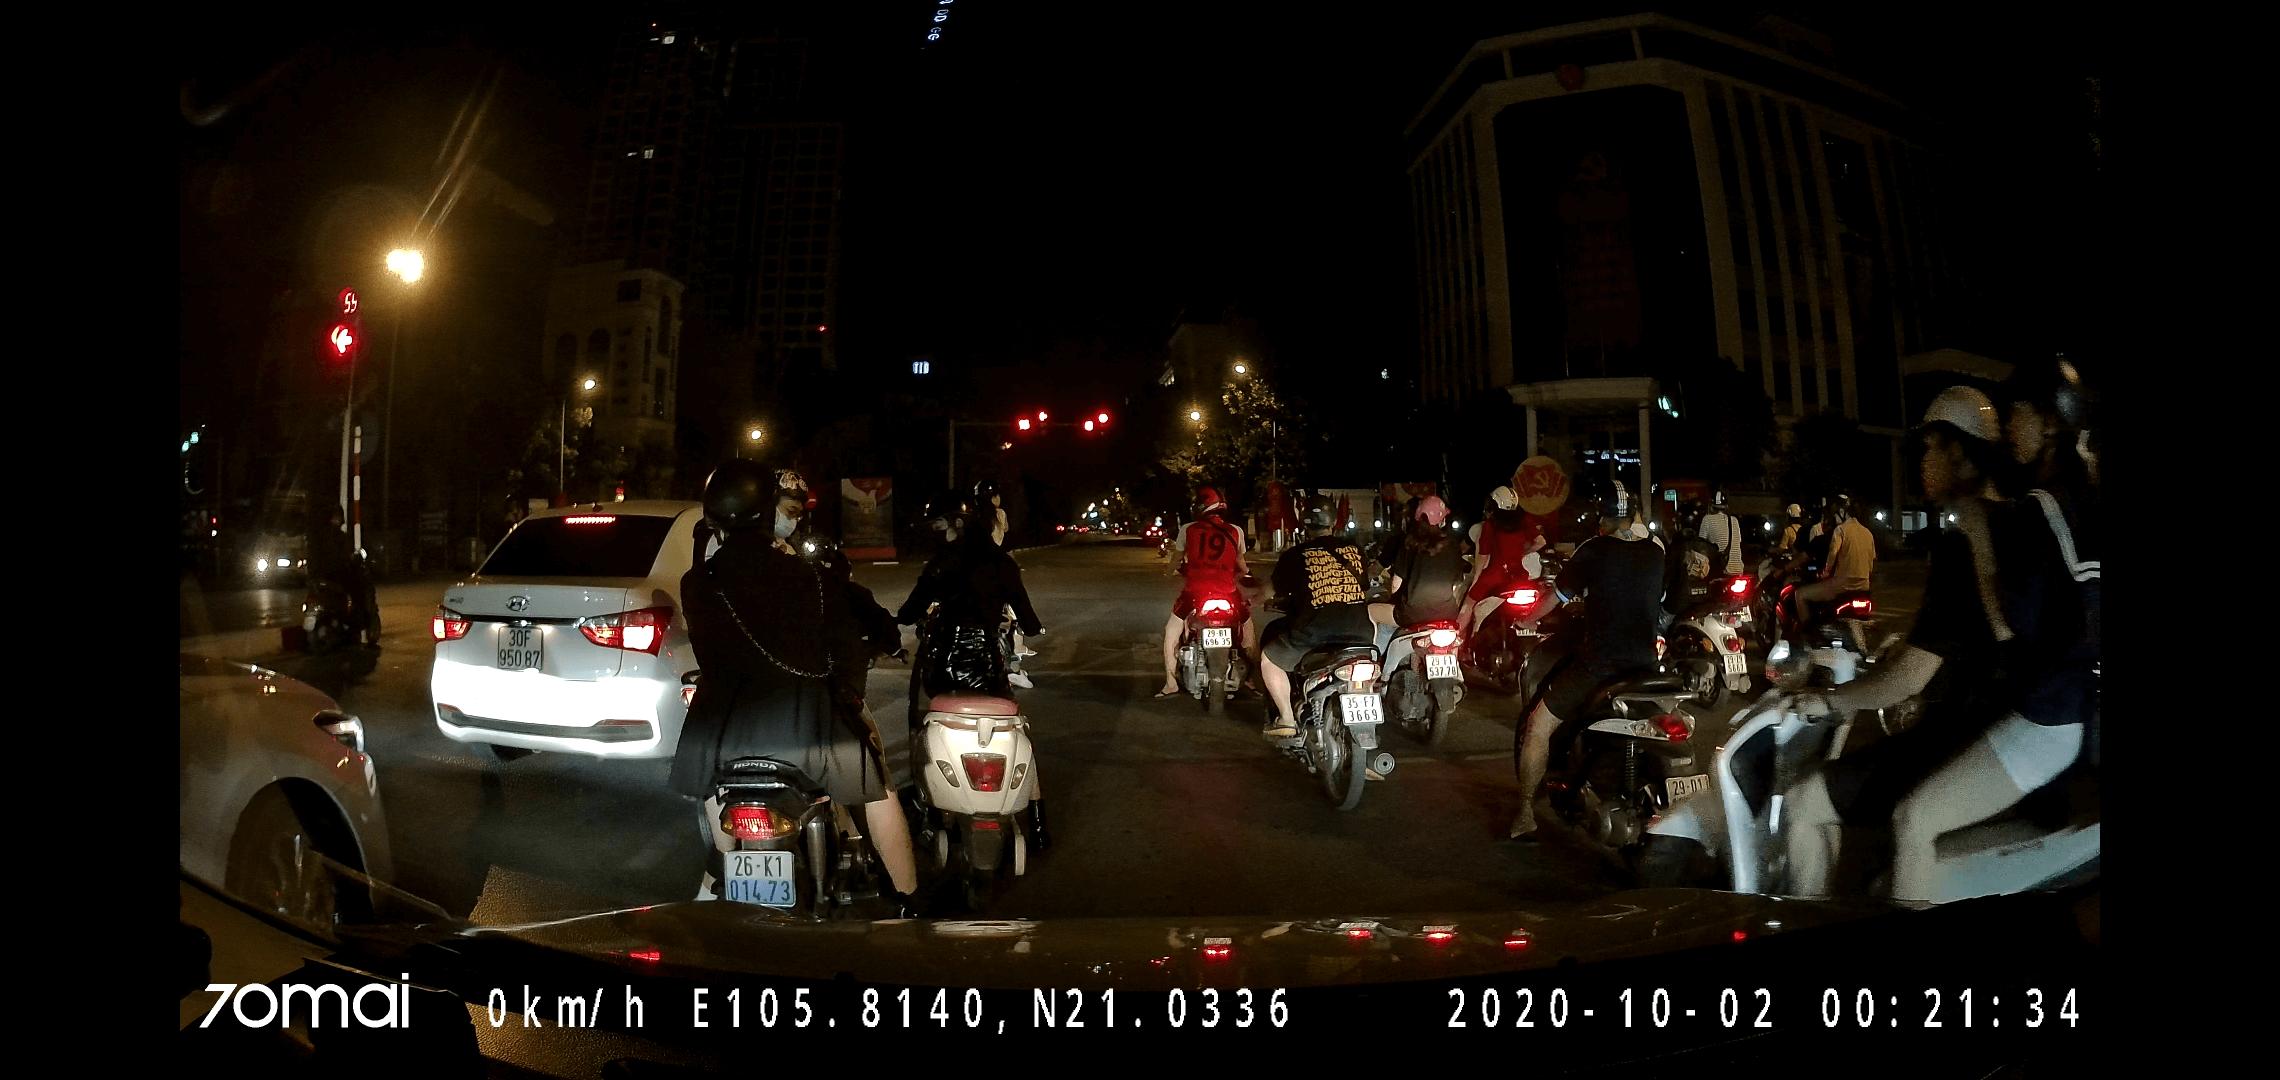 Chất lượng ghi hình ban đêm của 70mai A800